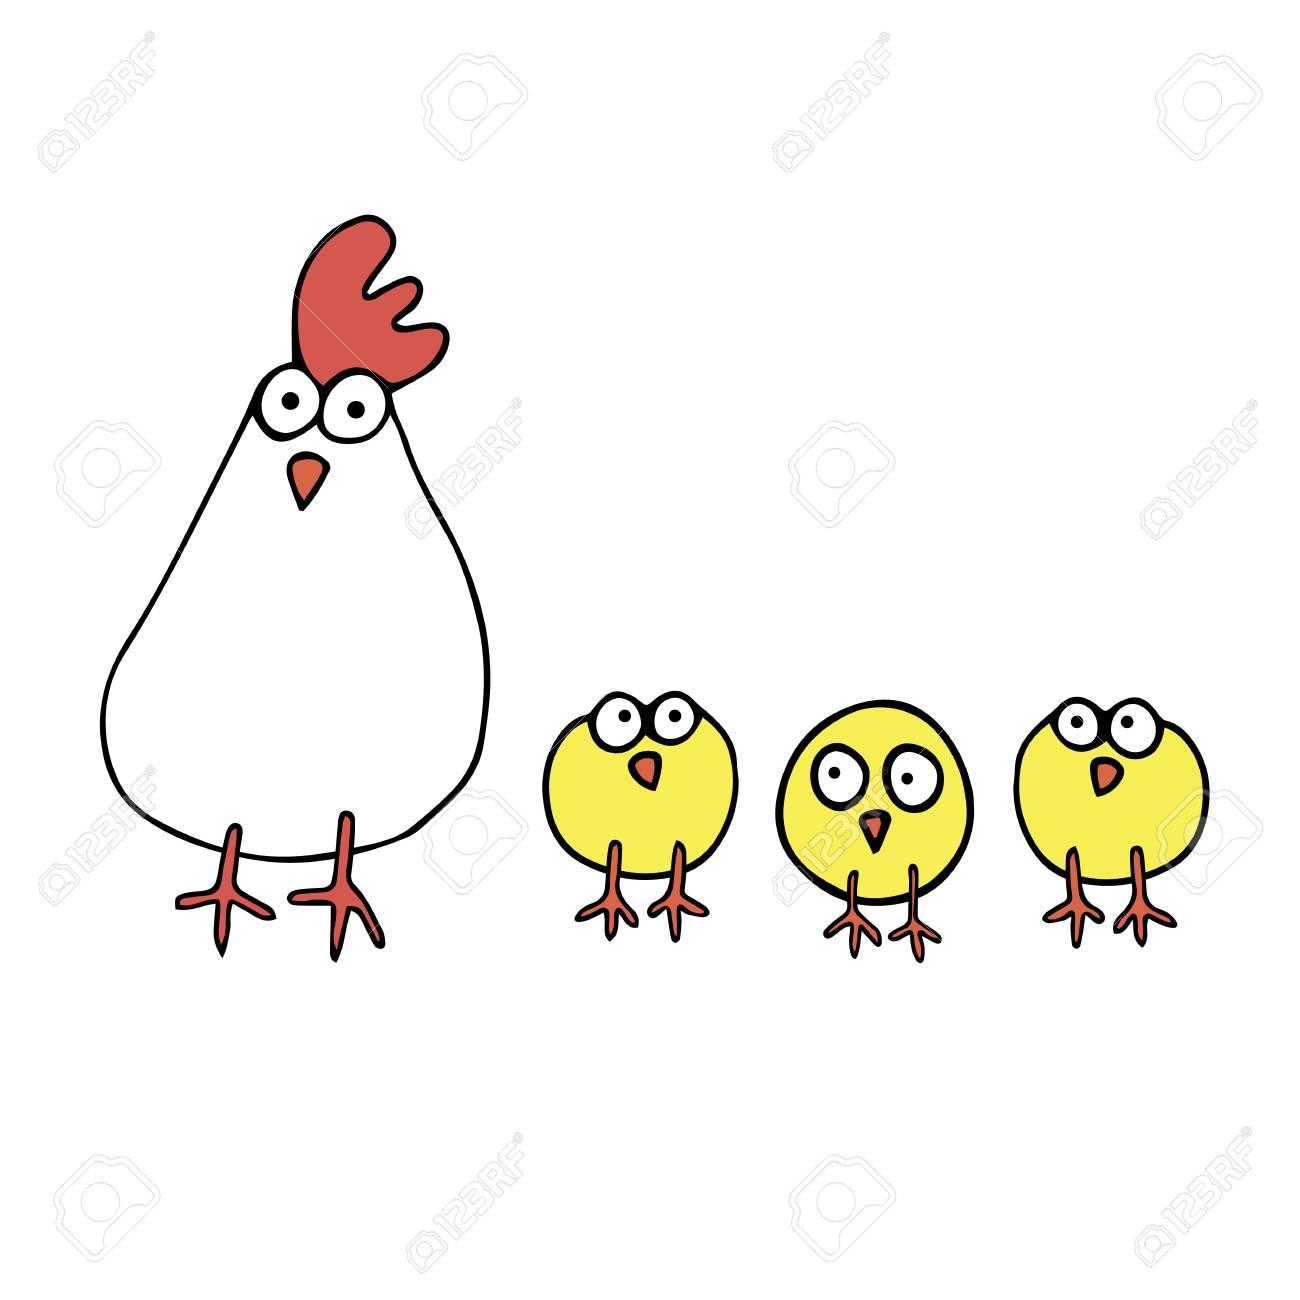 鶏ベクトル編漫画イラストかわいい鶏白グラデーション文字幸せ